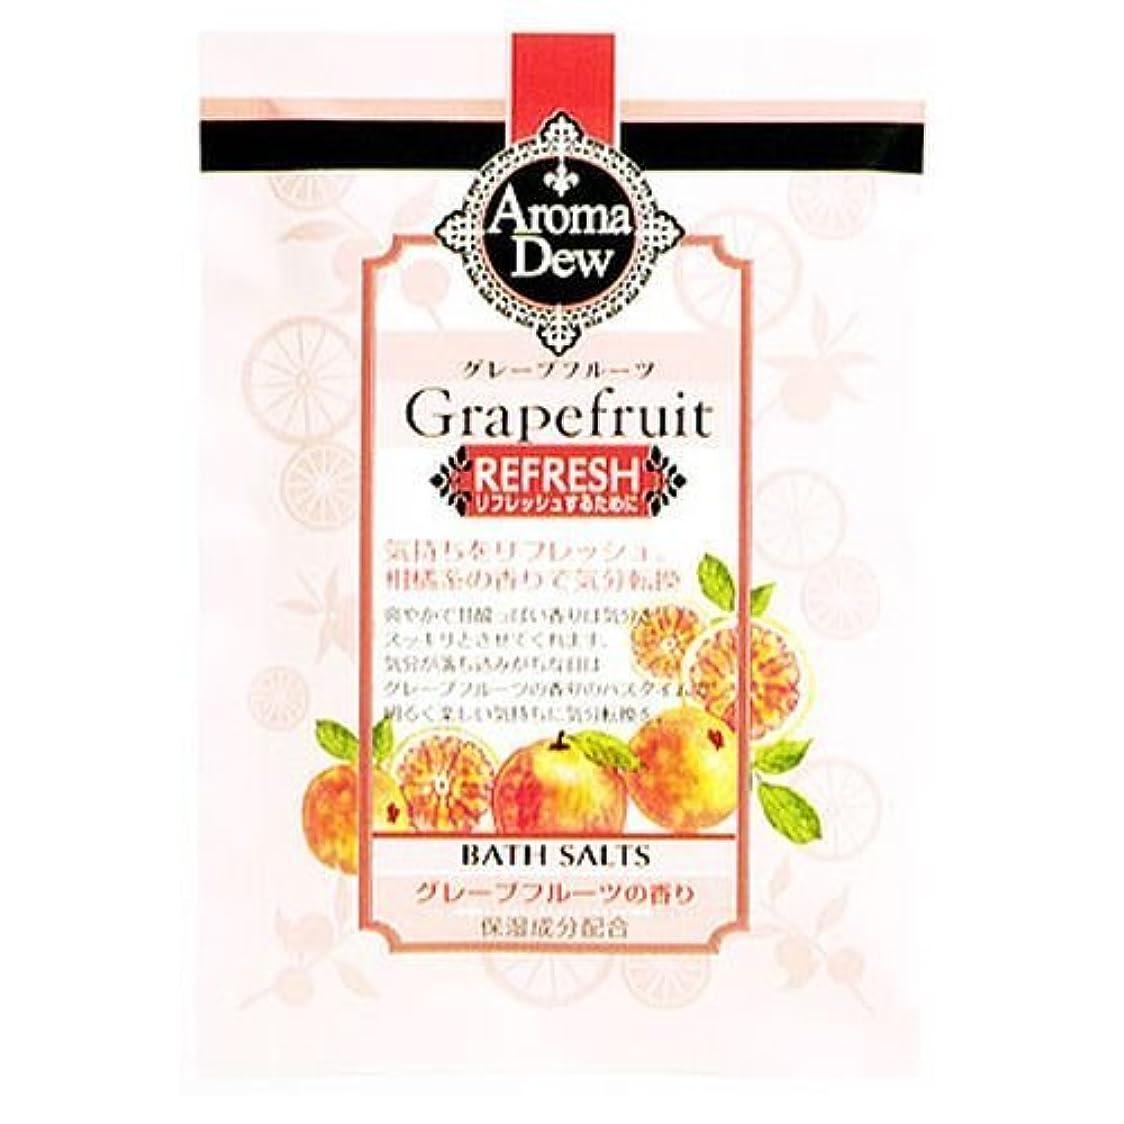 困惑する検証口ひげクロバーコーポレーション アロマデュウ バスソルト グレープフルーツの香り グレープフルーツ